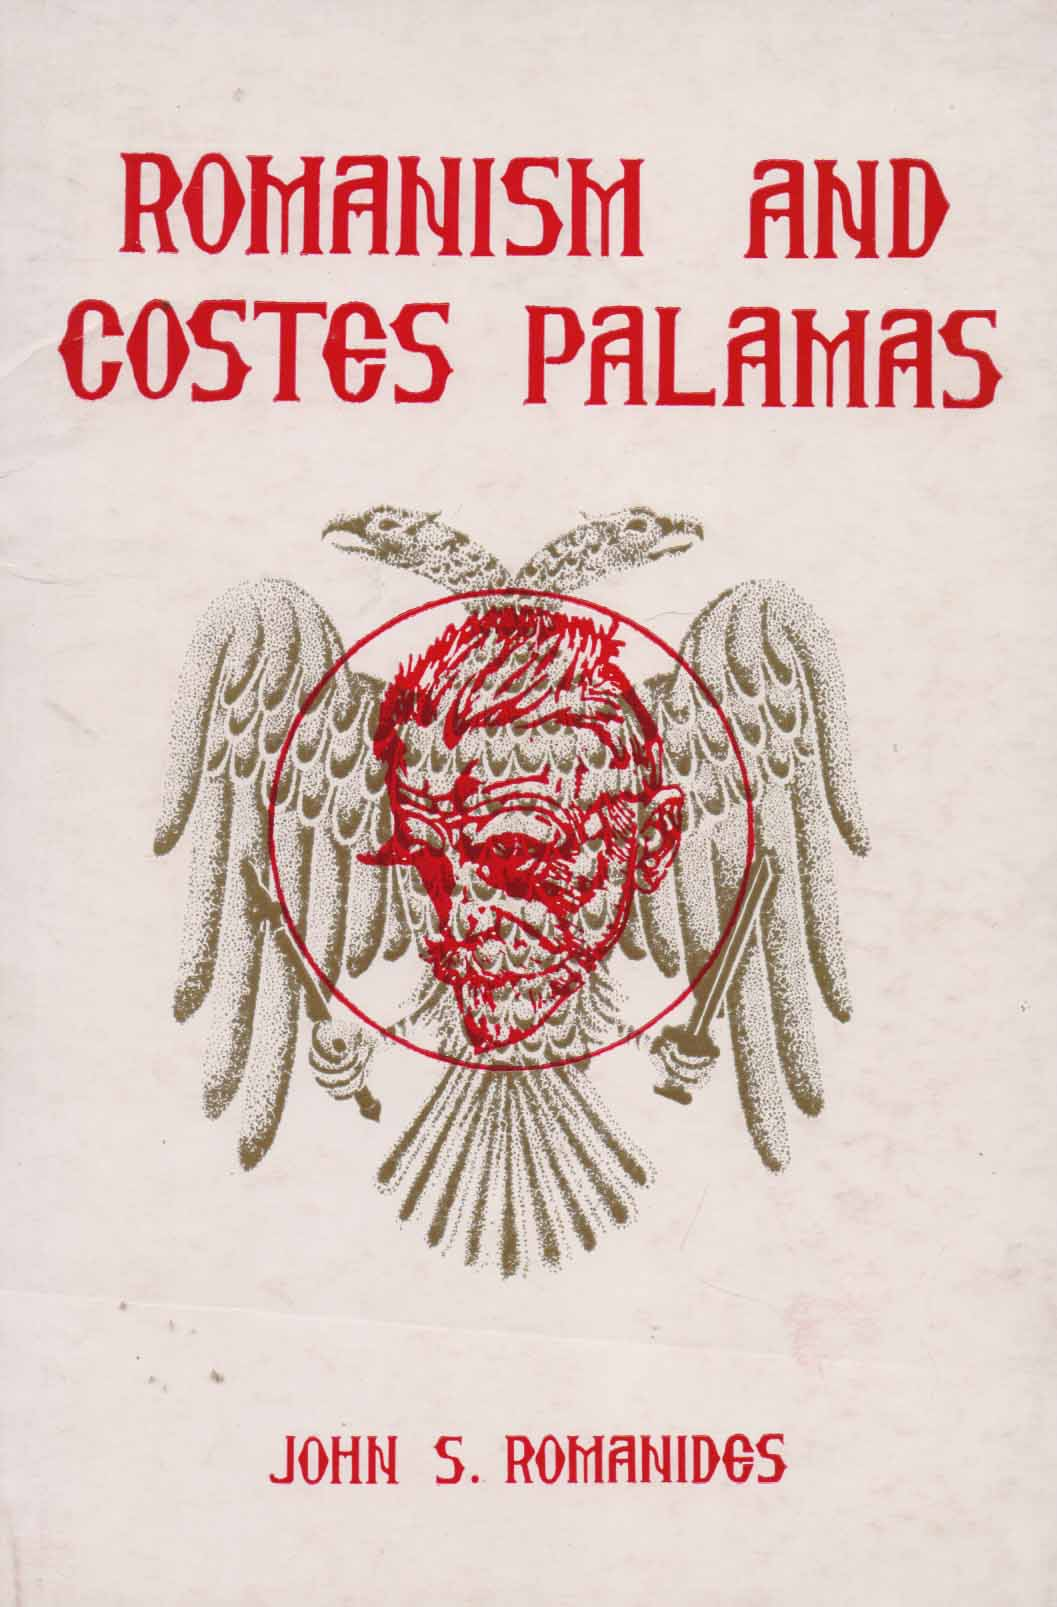 romanism and kostis palamas